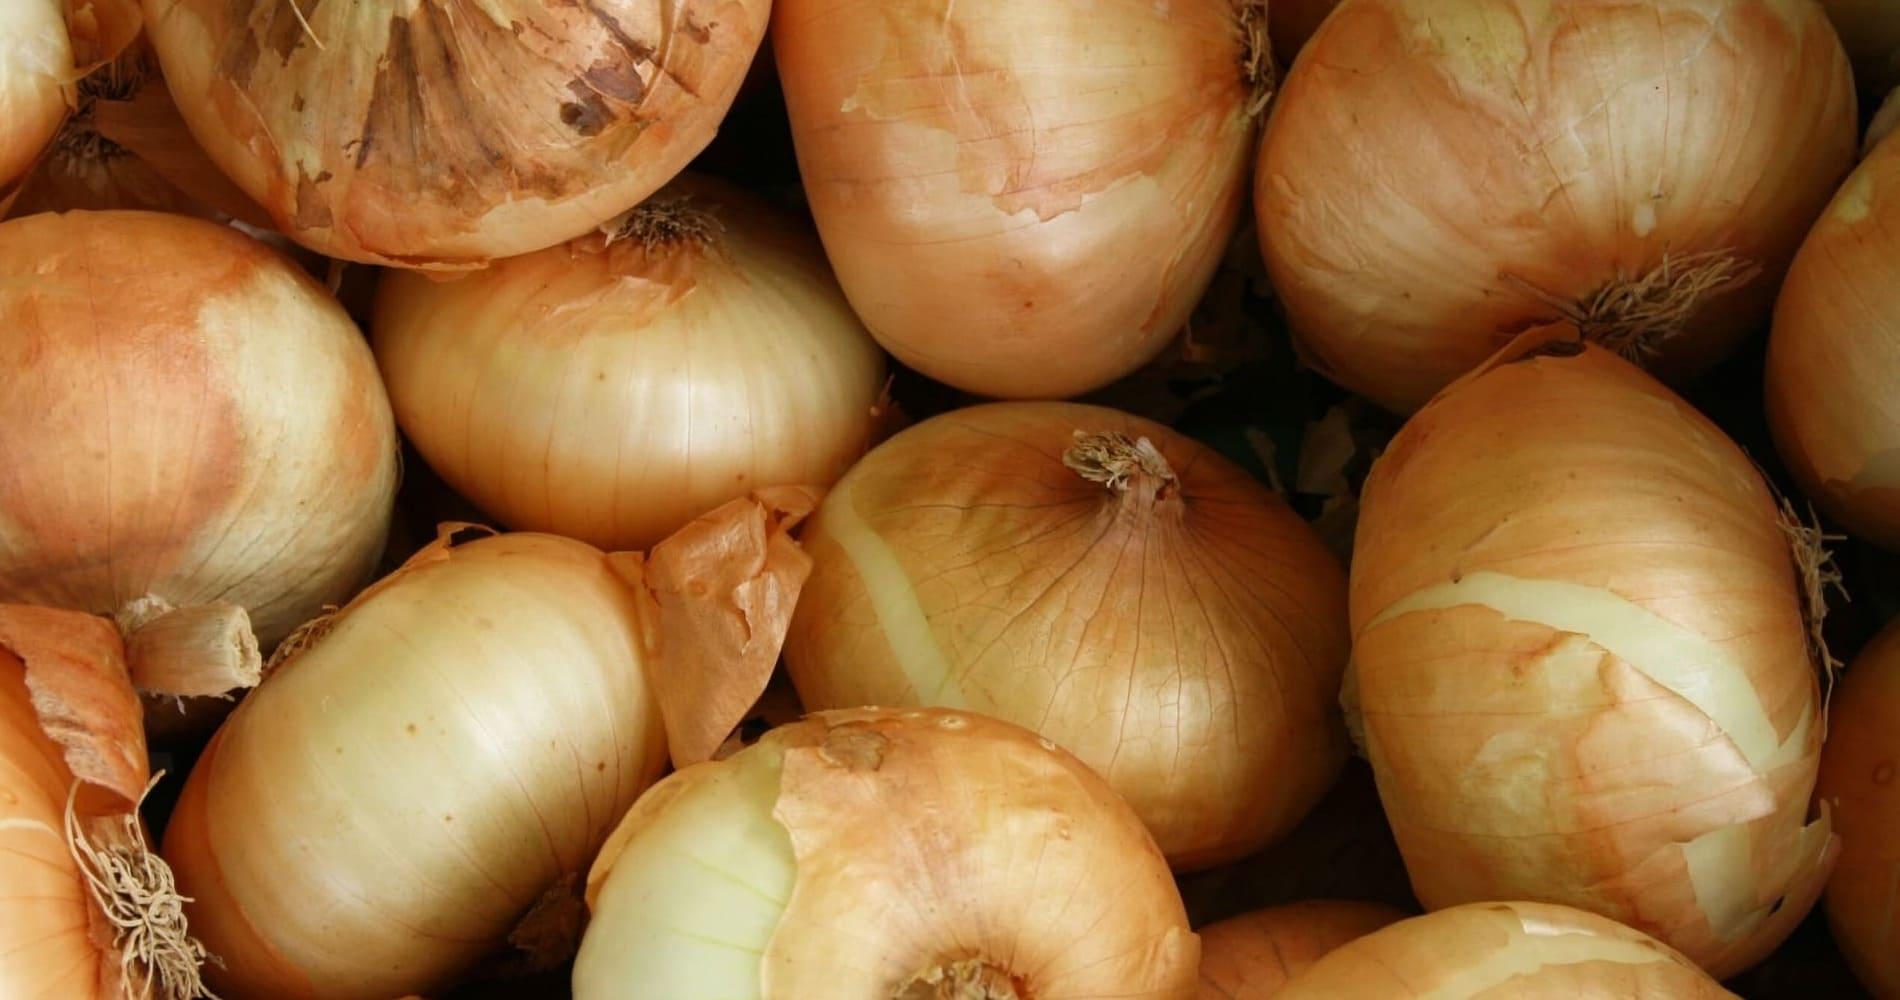 биопрепараты для растениеводства, удобрения, стимуляторы роста, средства защиты растений